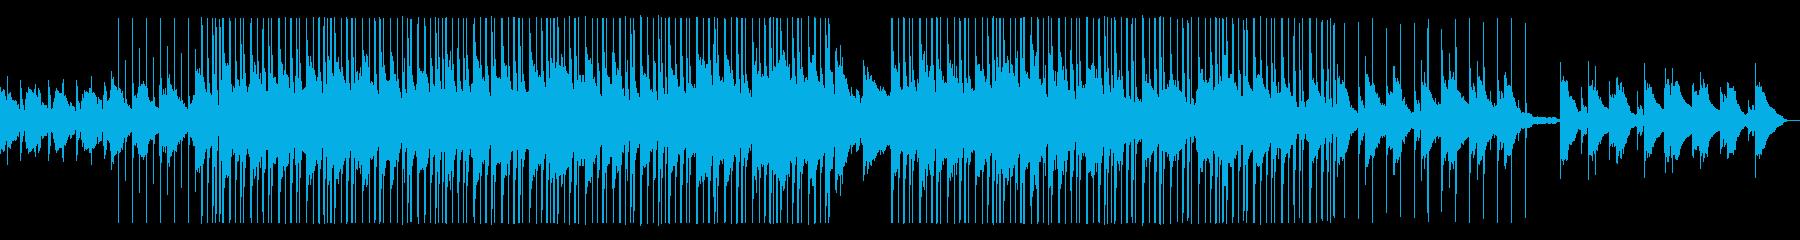 Lofi Hiphop 哀愁ギターの再生済みの波形